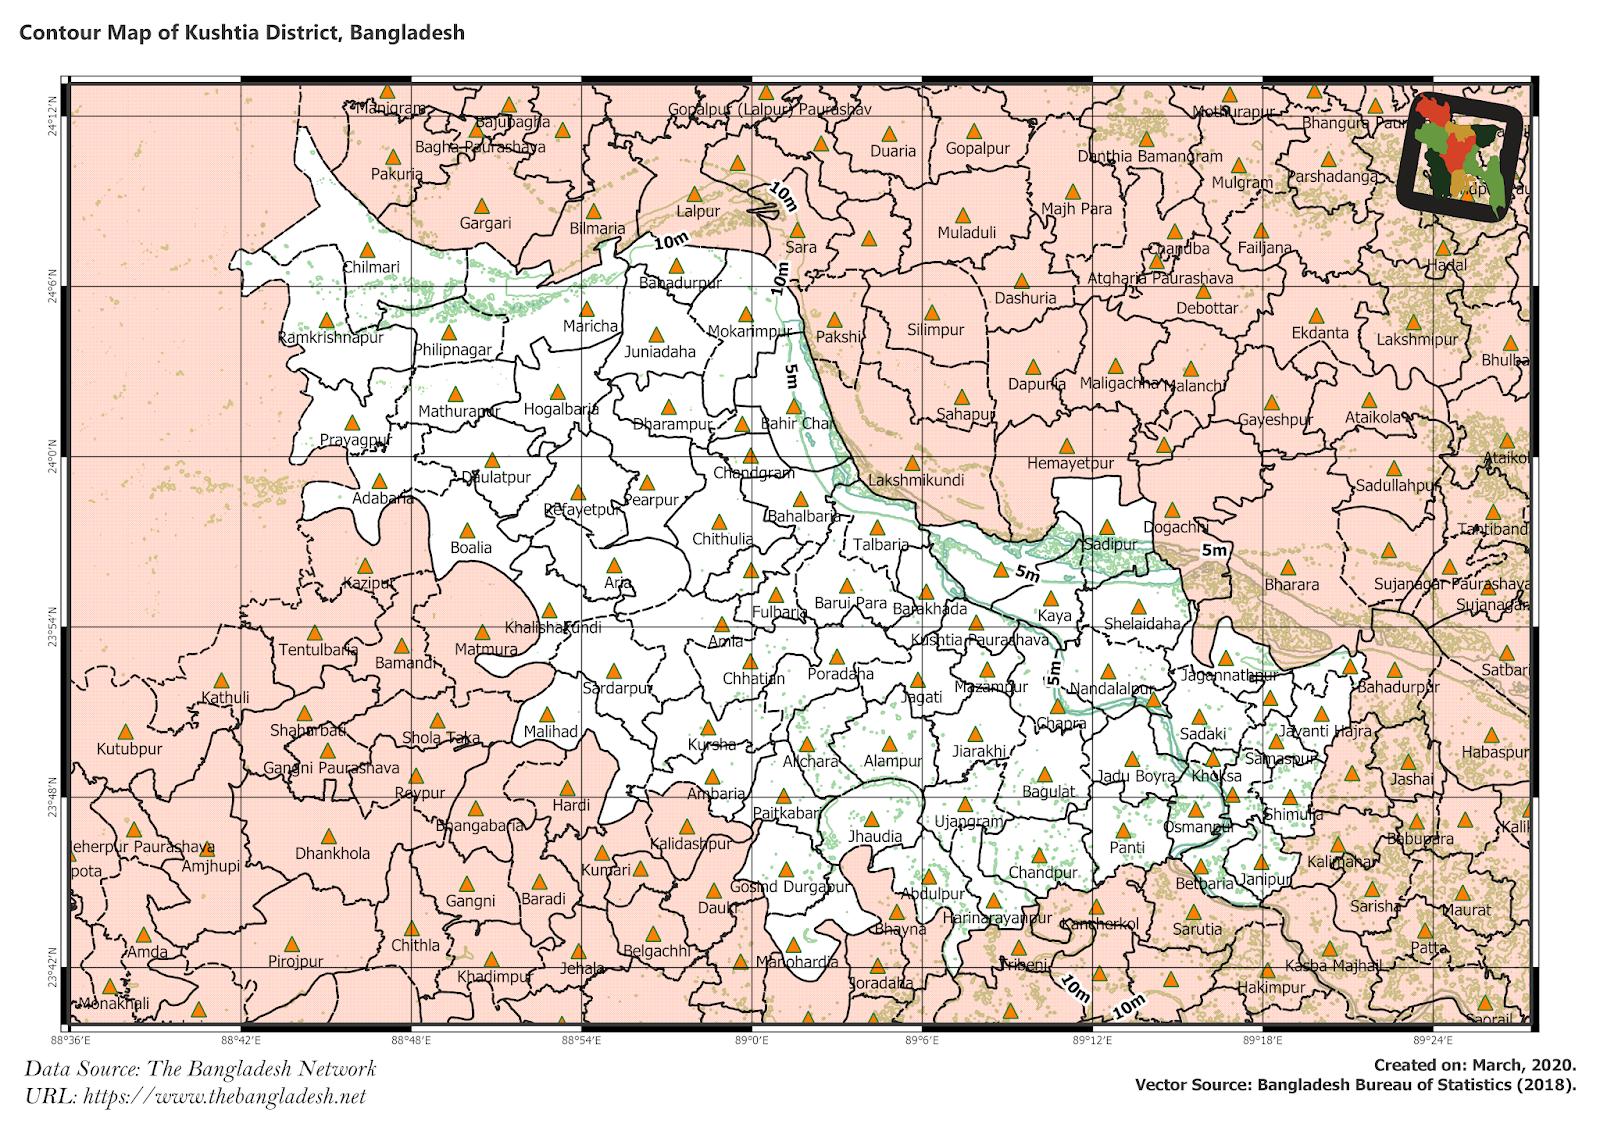 Elevation Map of Kushtia District of Bangladesh